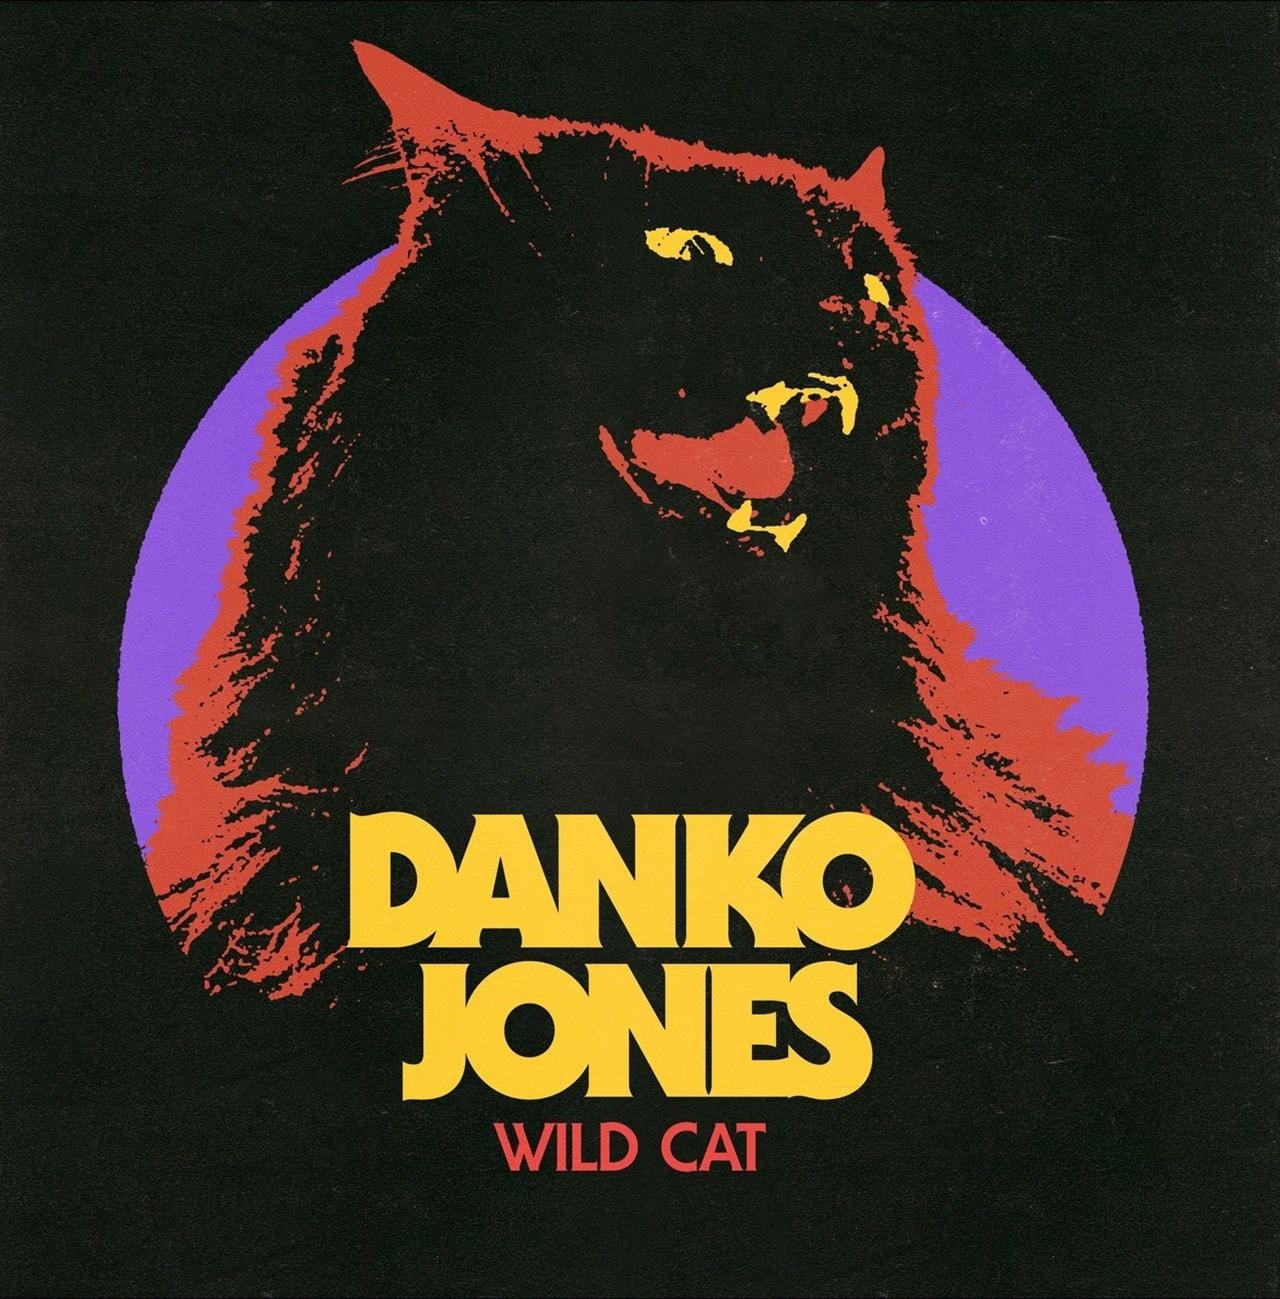 Wild Cat - 1